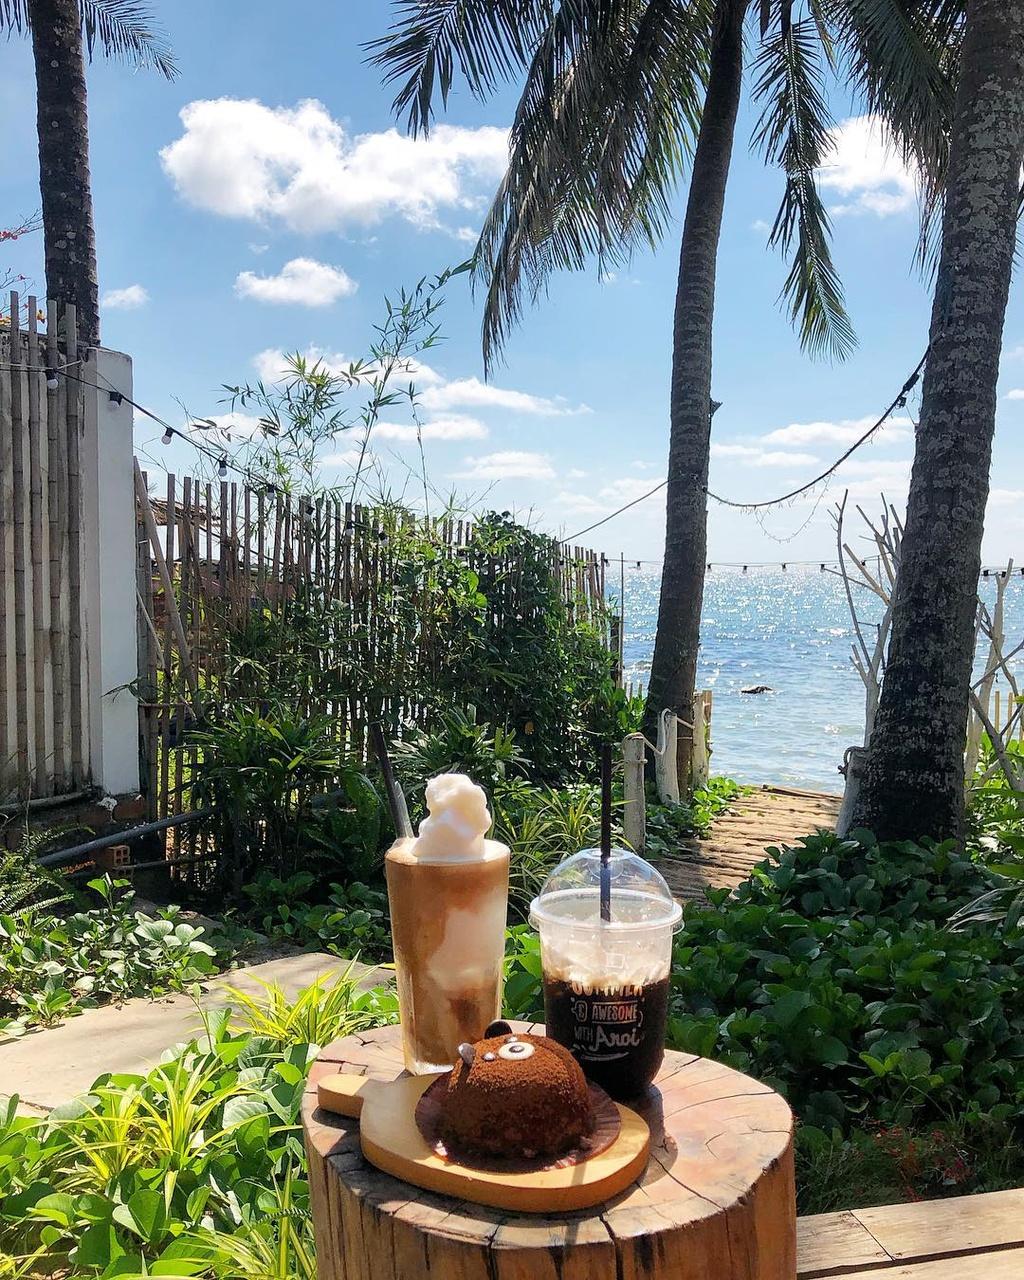 Chill het nac tai 4 diem ca phe view bien tuyet dep o Phu Quoc hinh anh 9  - __1ucky_ - Chill hết nấc tại 4 điểm cà phê view biển tuyệt đẹp ở Phú Quốc